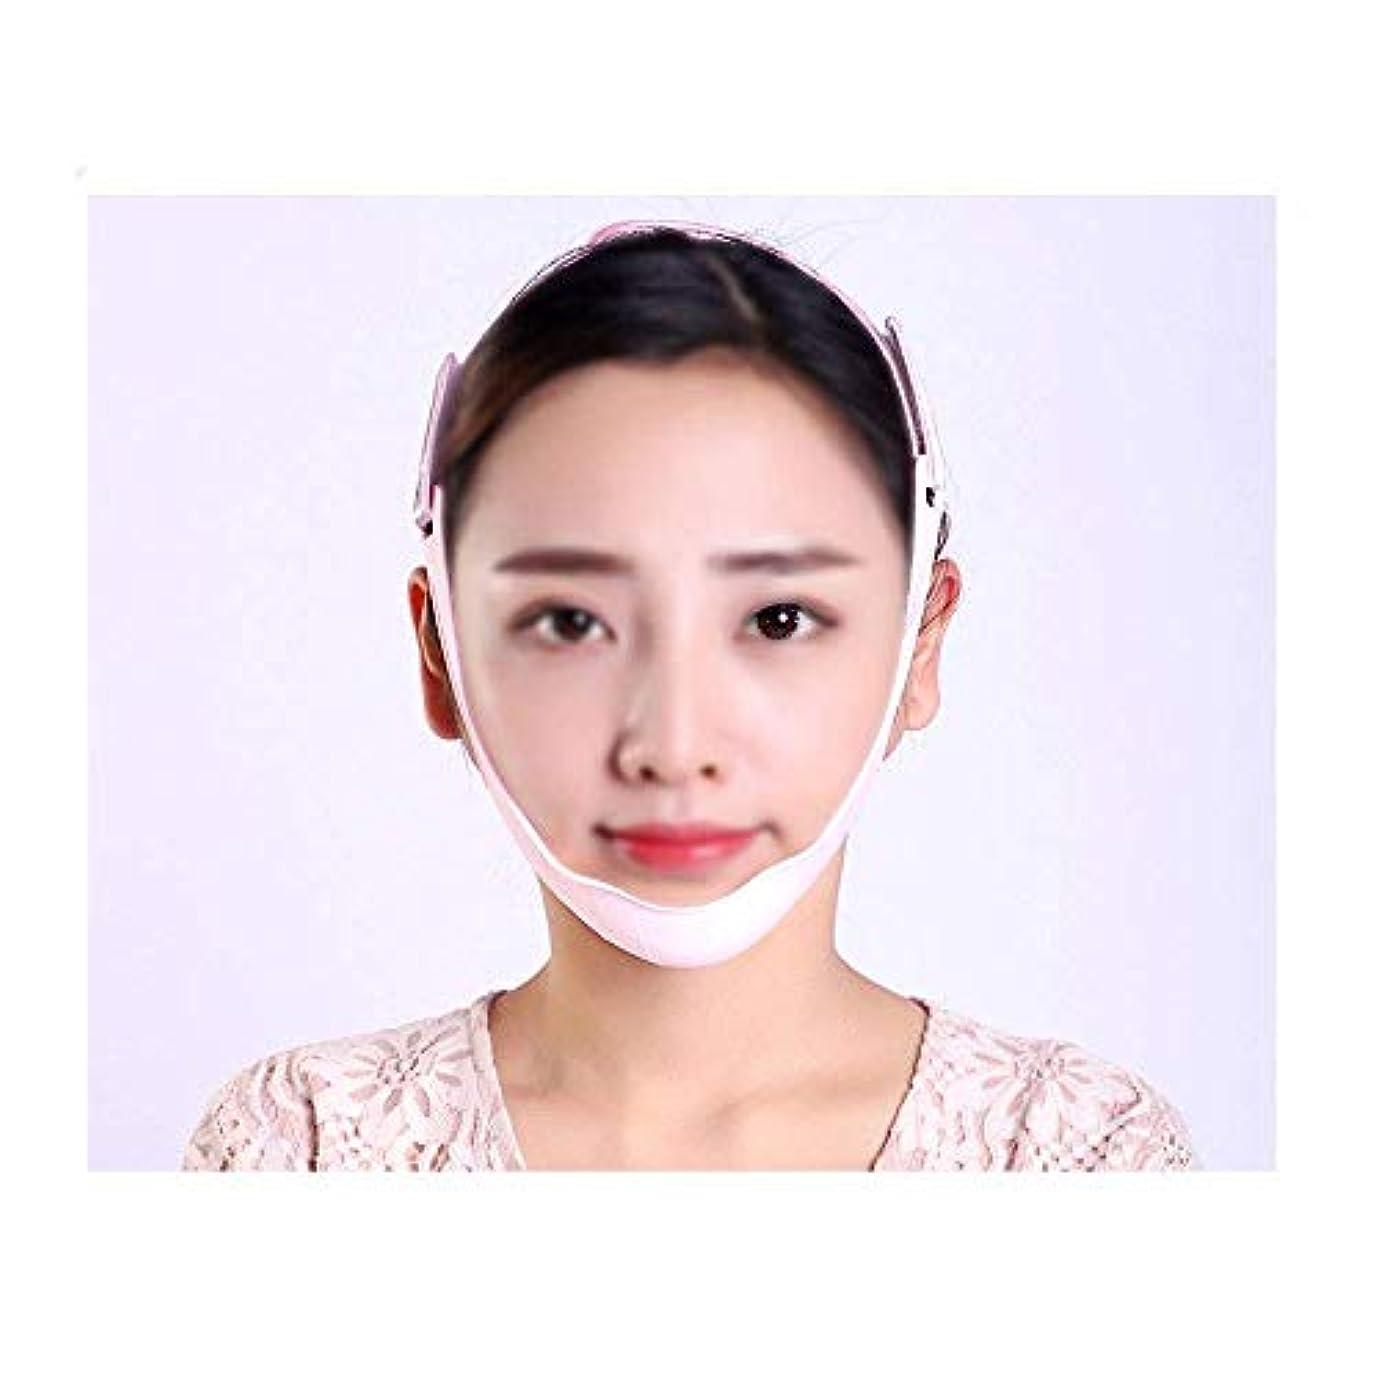 従順な強制的プロジェクターフェイシャルリフティングマスク、リフティングフェイシャルファーミングアーティファクト/マッサージ器薄い顔の包帯/通気性ダブルチンスリミングマスク